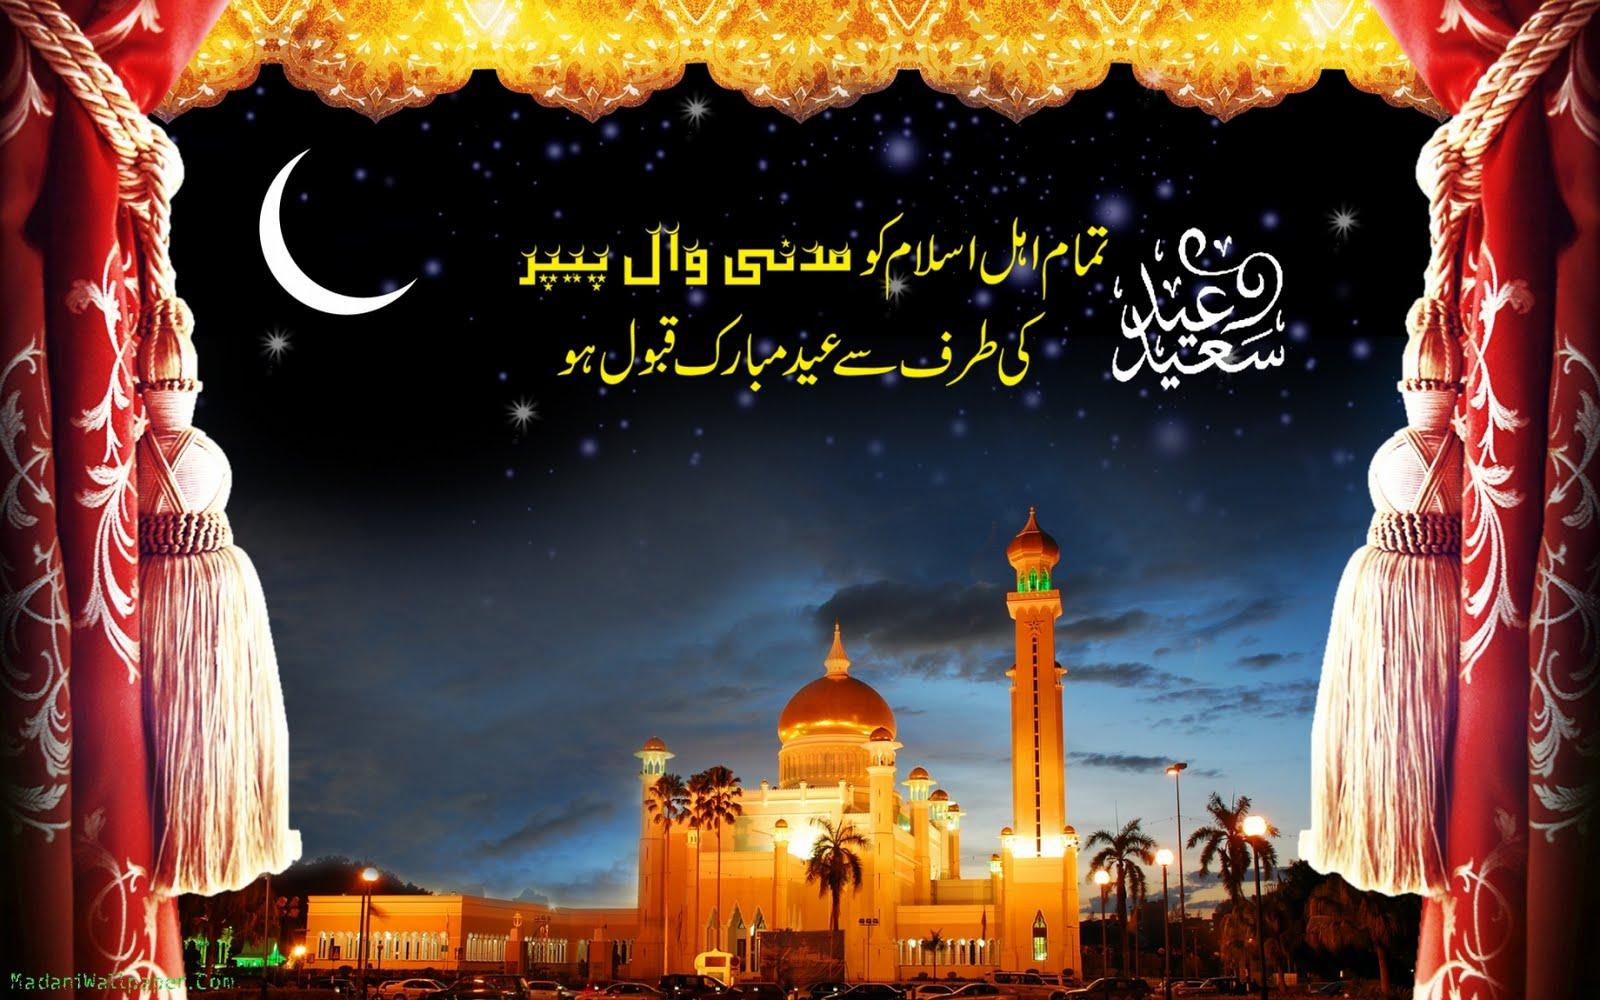 http://1.bp.blogspot.com/-XHh2JK_Ryk4/Tl0NpoyoJBI/AAAAAAAAHGk/Kx6Hdkaw4ZU/s1600/madani_eid_mubarak_wallpaper-1680x1050.jpg